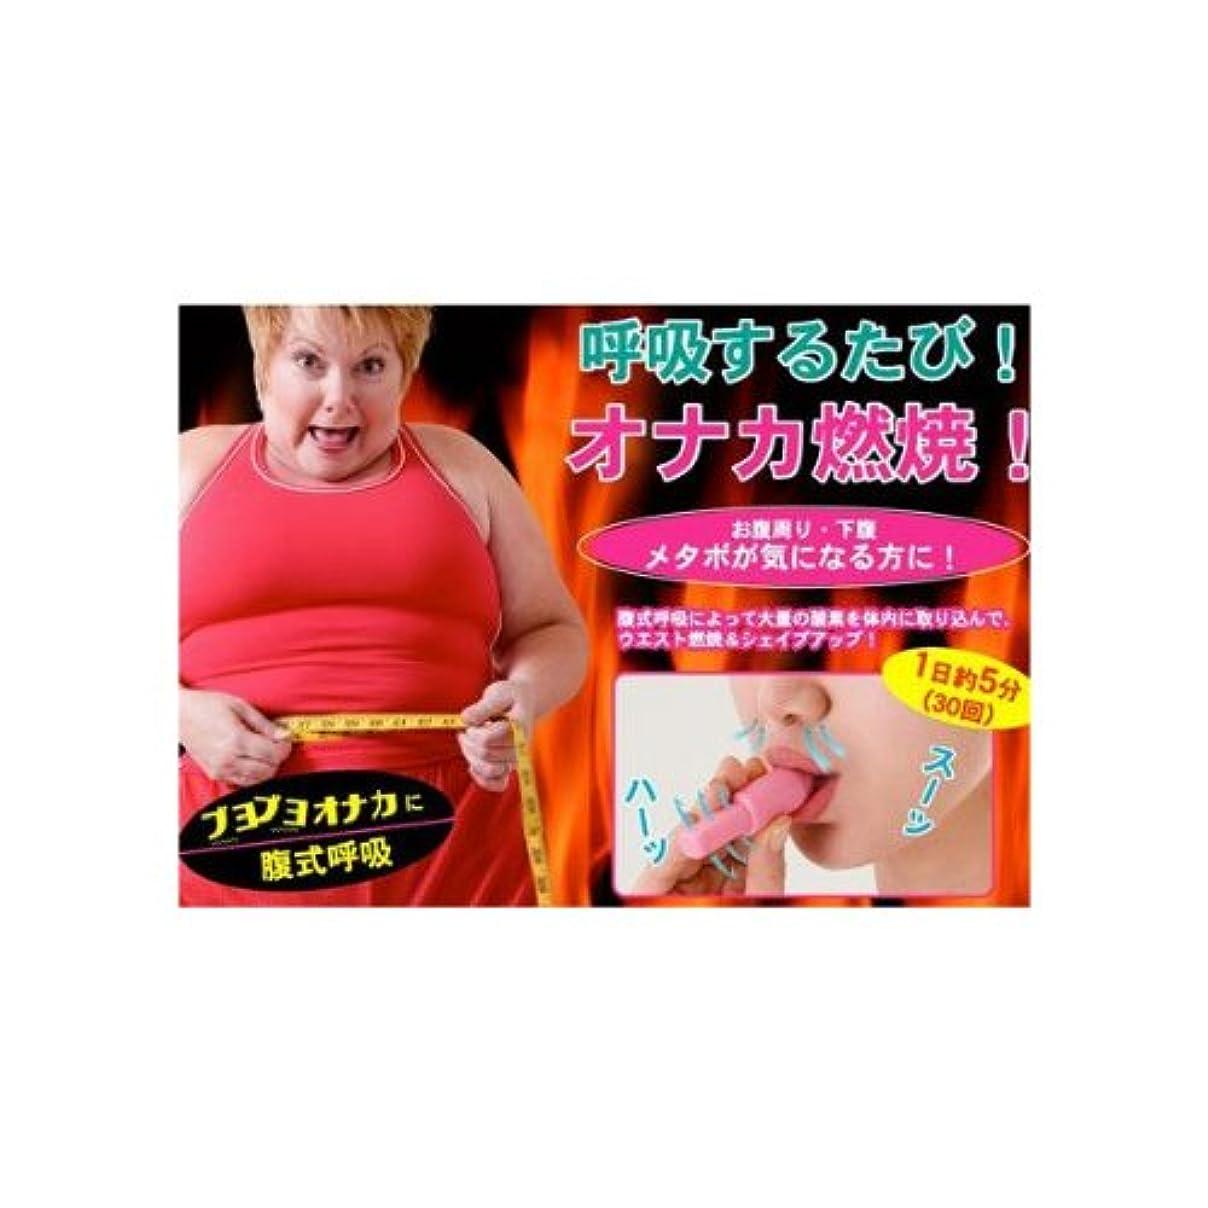 汚染ランドリー寛大さ腹式呼吸によってウエスト&エクササイズ!腹式呼吸ダイエット『カロリーブレス』